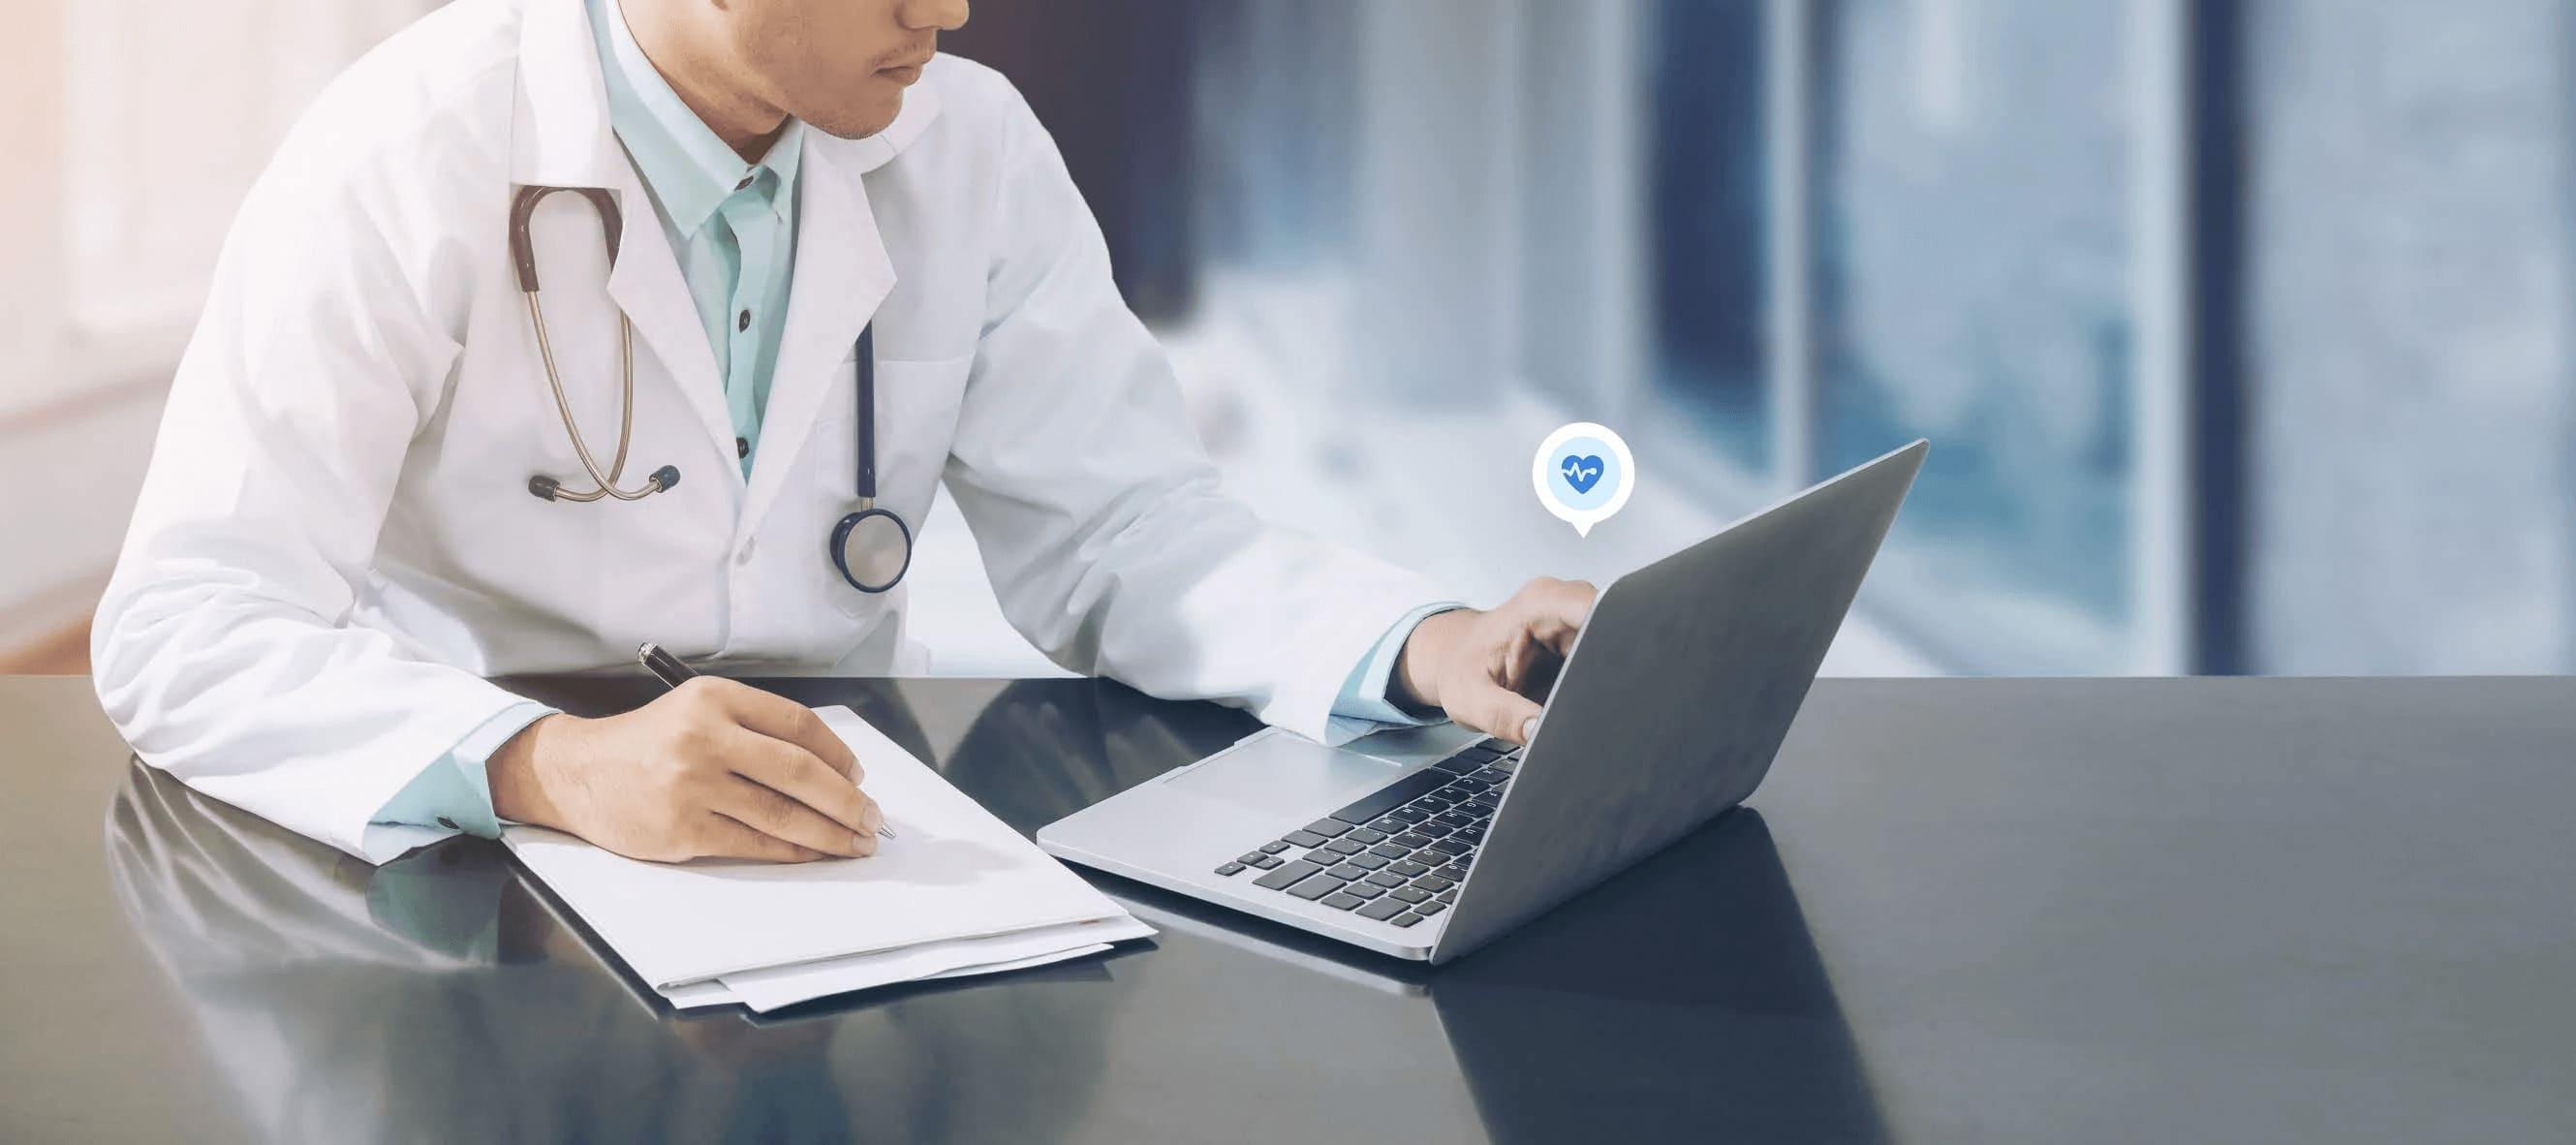 Programa de Marketing para Profissionais de Saúde - Doctoralia